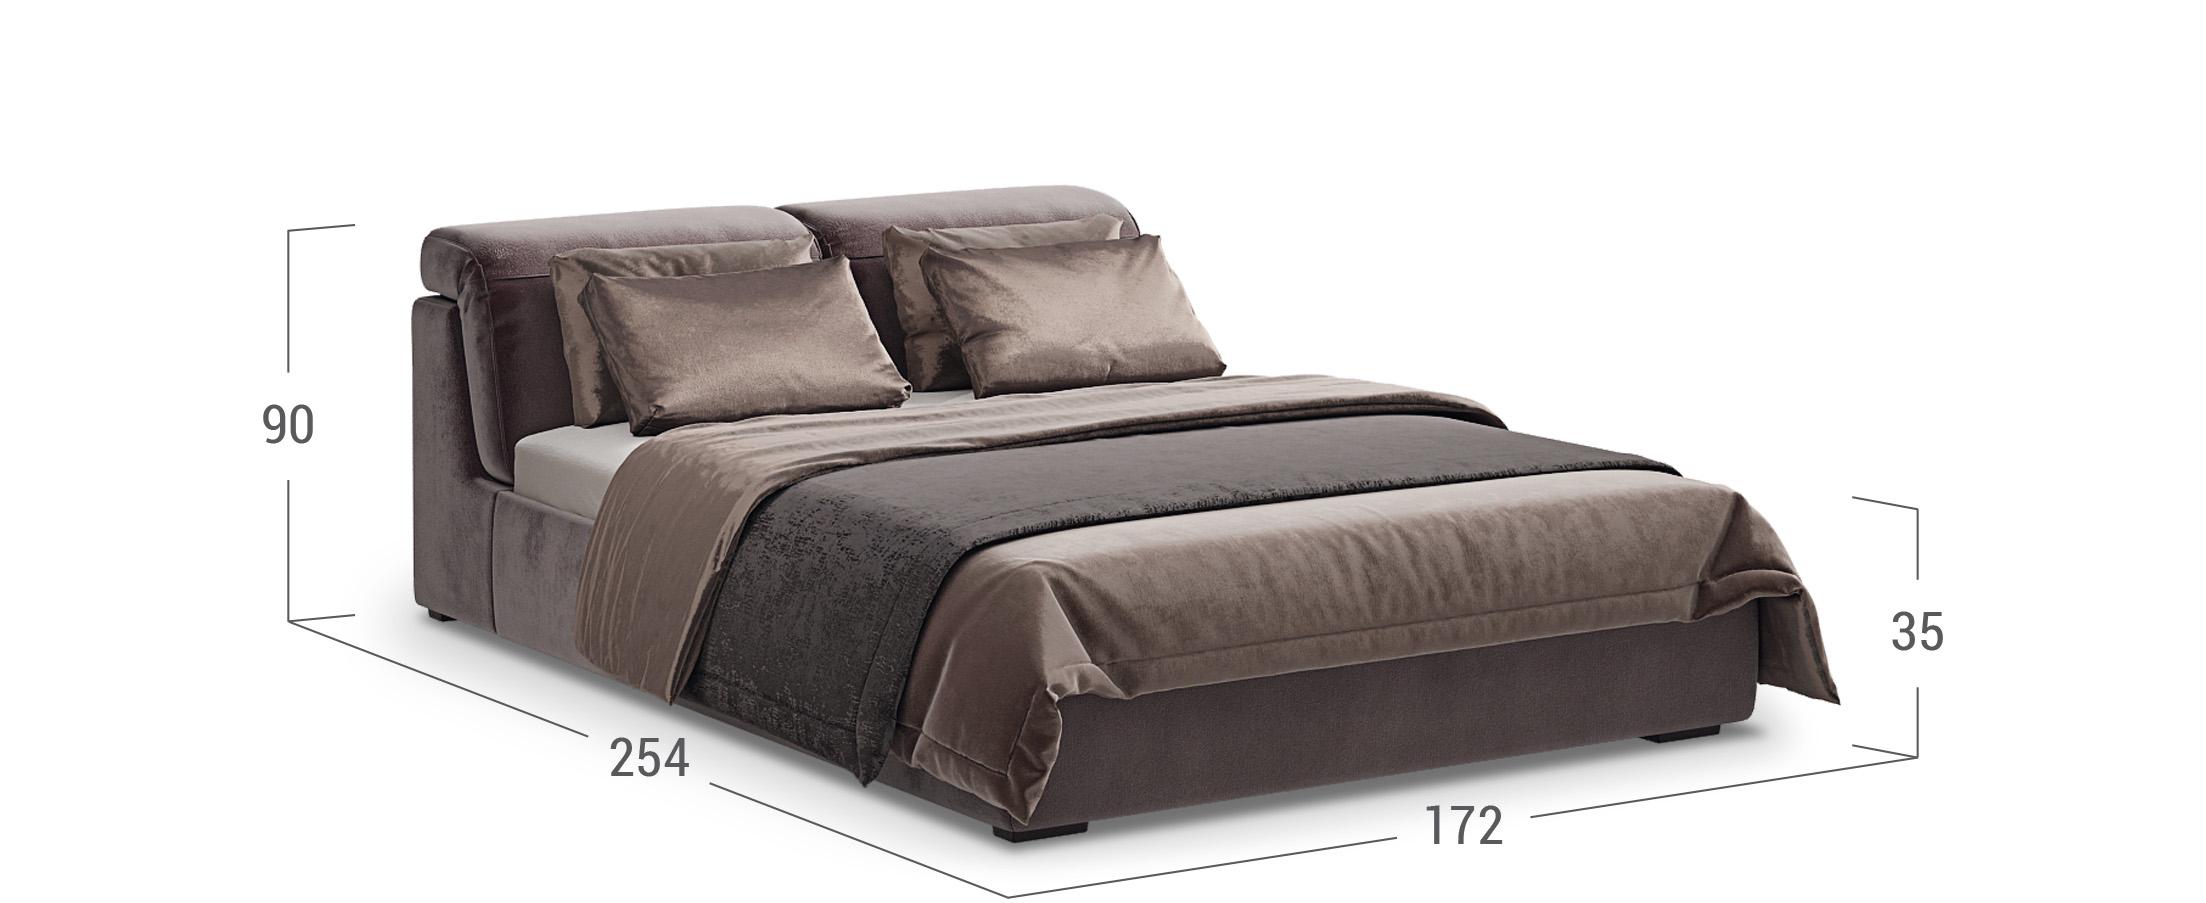 Кровать двуспальная MOON 1107Кровать с подъёмным механизмом MOON 1107. Спальное место 160х200. Мягкое изголовье кровати с подушками с растровым механизмом.<br><br>Ширина см: 172<br>Глубина см: 254<br>Высота см: 105<br>Ширина спального места см: 160<br>Длина спального места см: 200<br>Цвет: Коричневый<br>Материал каркаса: ЛДСП<br>Материал обивки: Велюр<br>Подъемный механизм: Есть<br>Код ткани: 36-153<br>Бренд: MOON